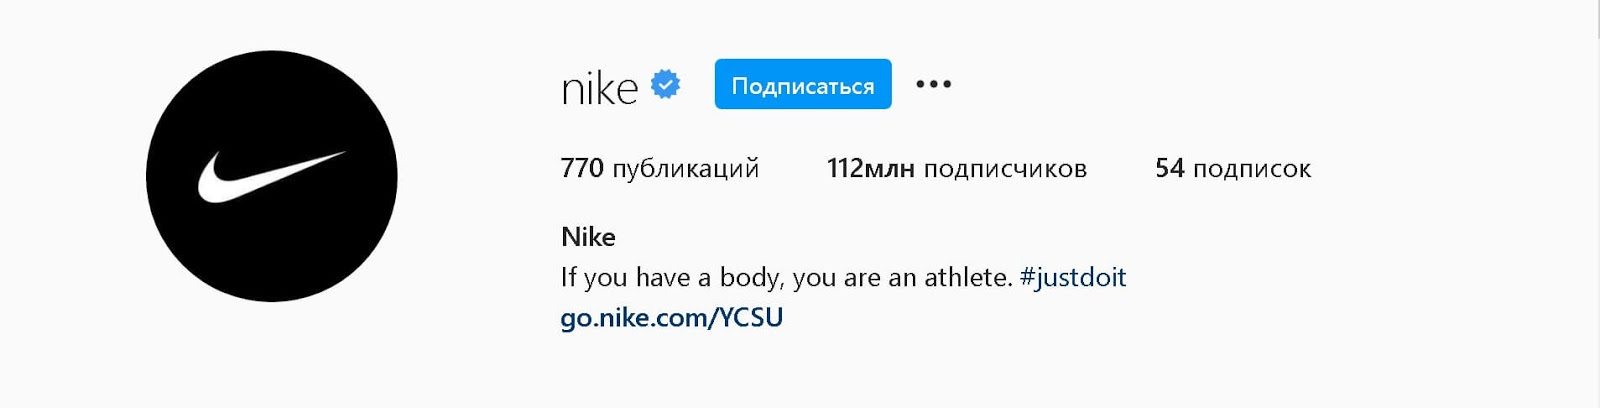 nike-stranicza-instagram